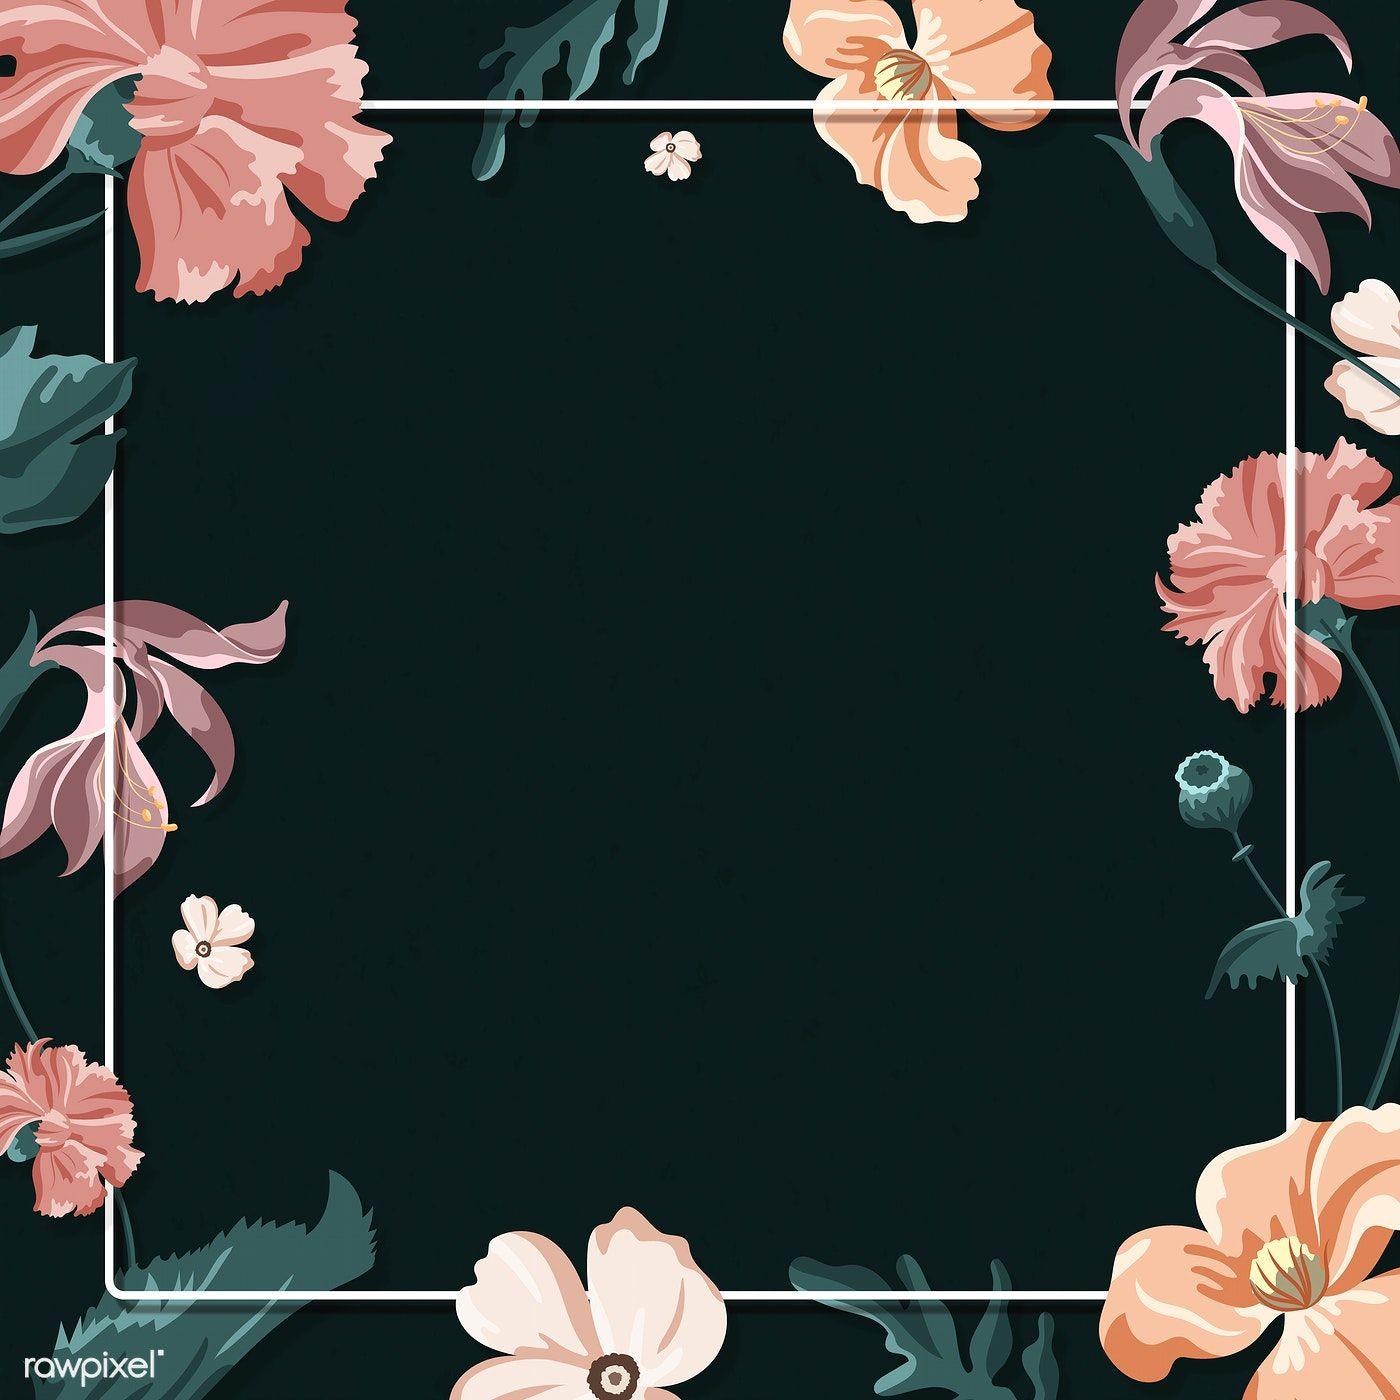 Download Premium Illustration Of Colorful Floral Frame On A Black Flowers Black Background Flower Background Wallpaper Floral Border Design